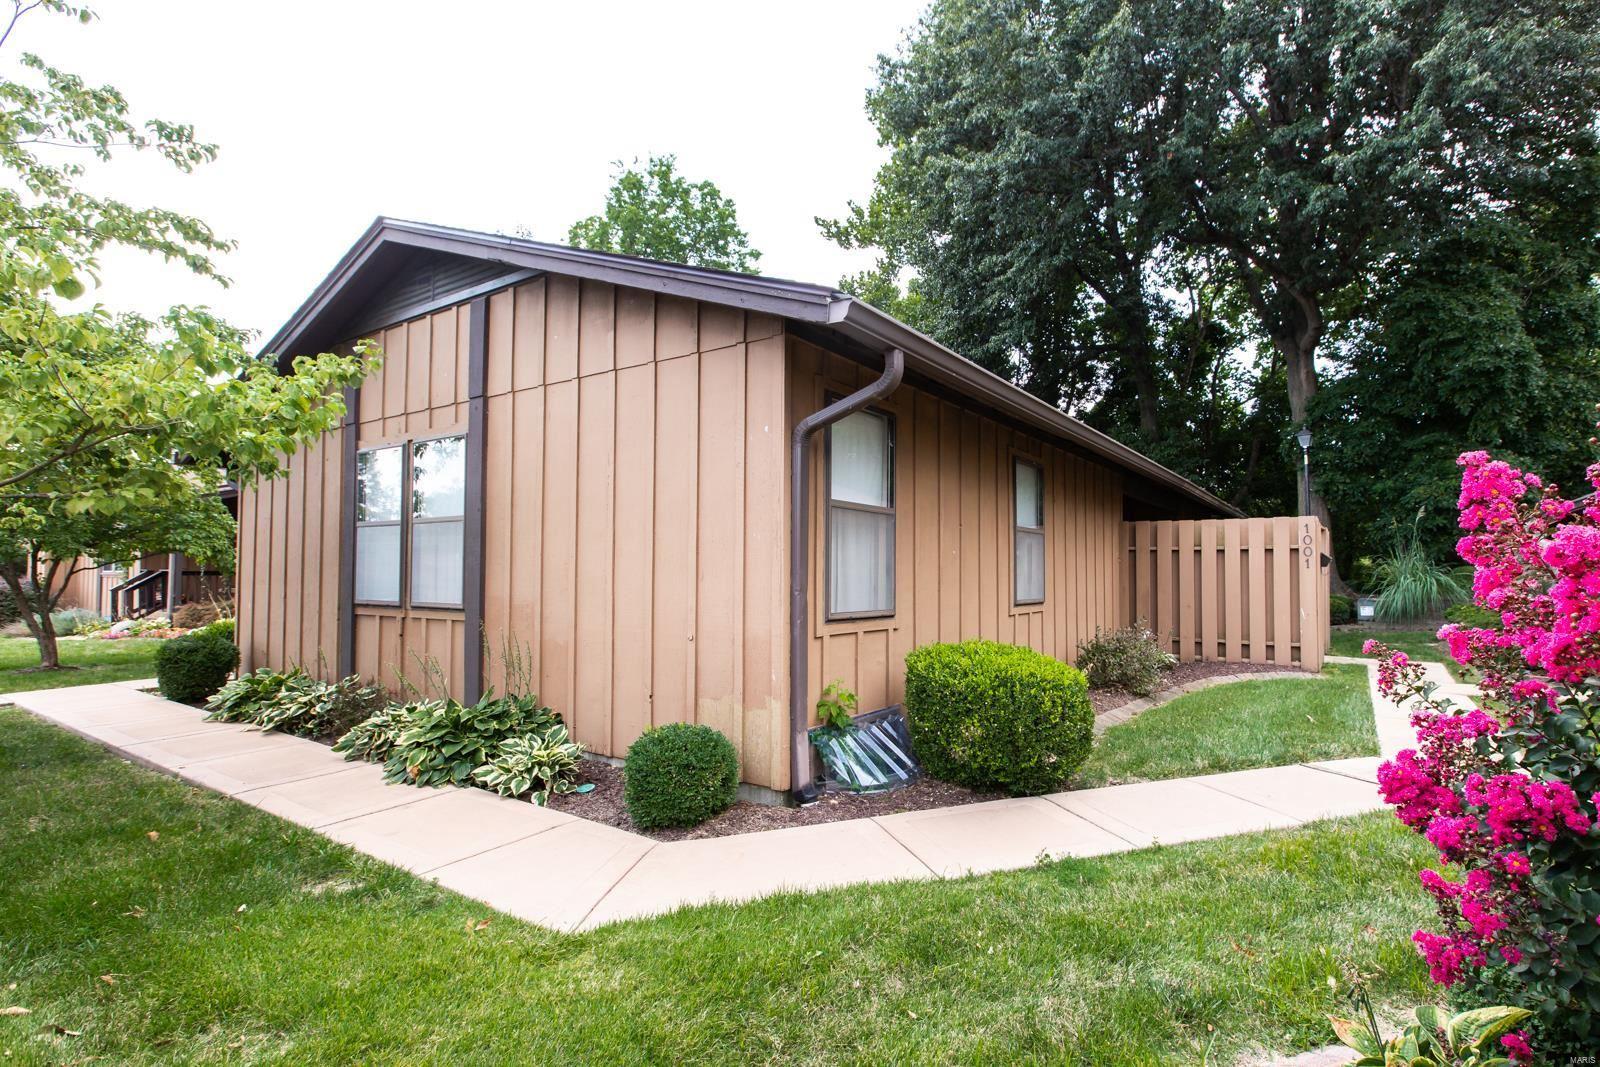 1001 Hamtpon Court, Belleville, IL 62223 - MLS#: 21060314